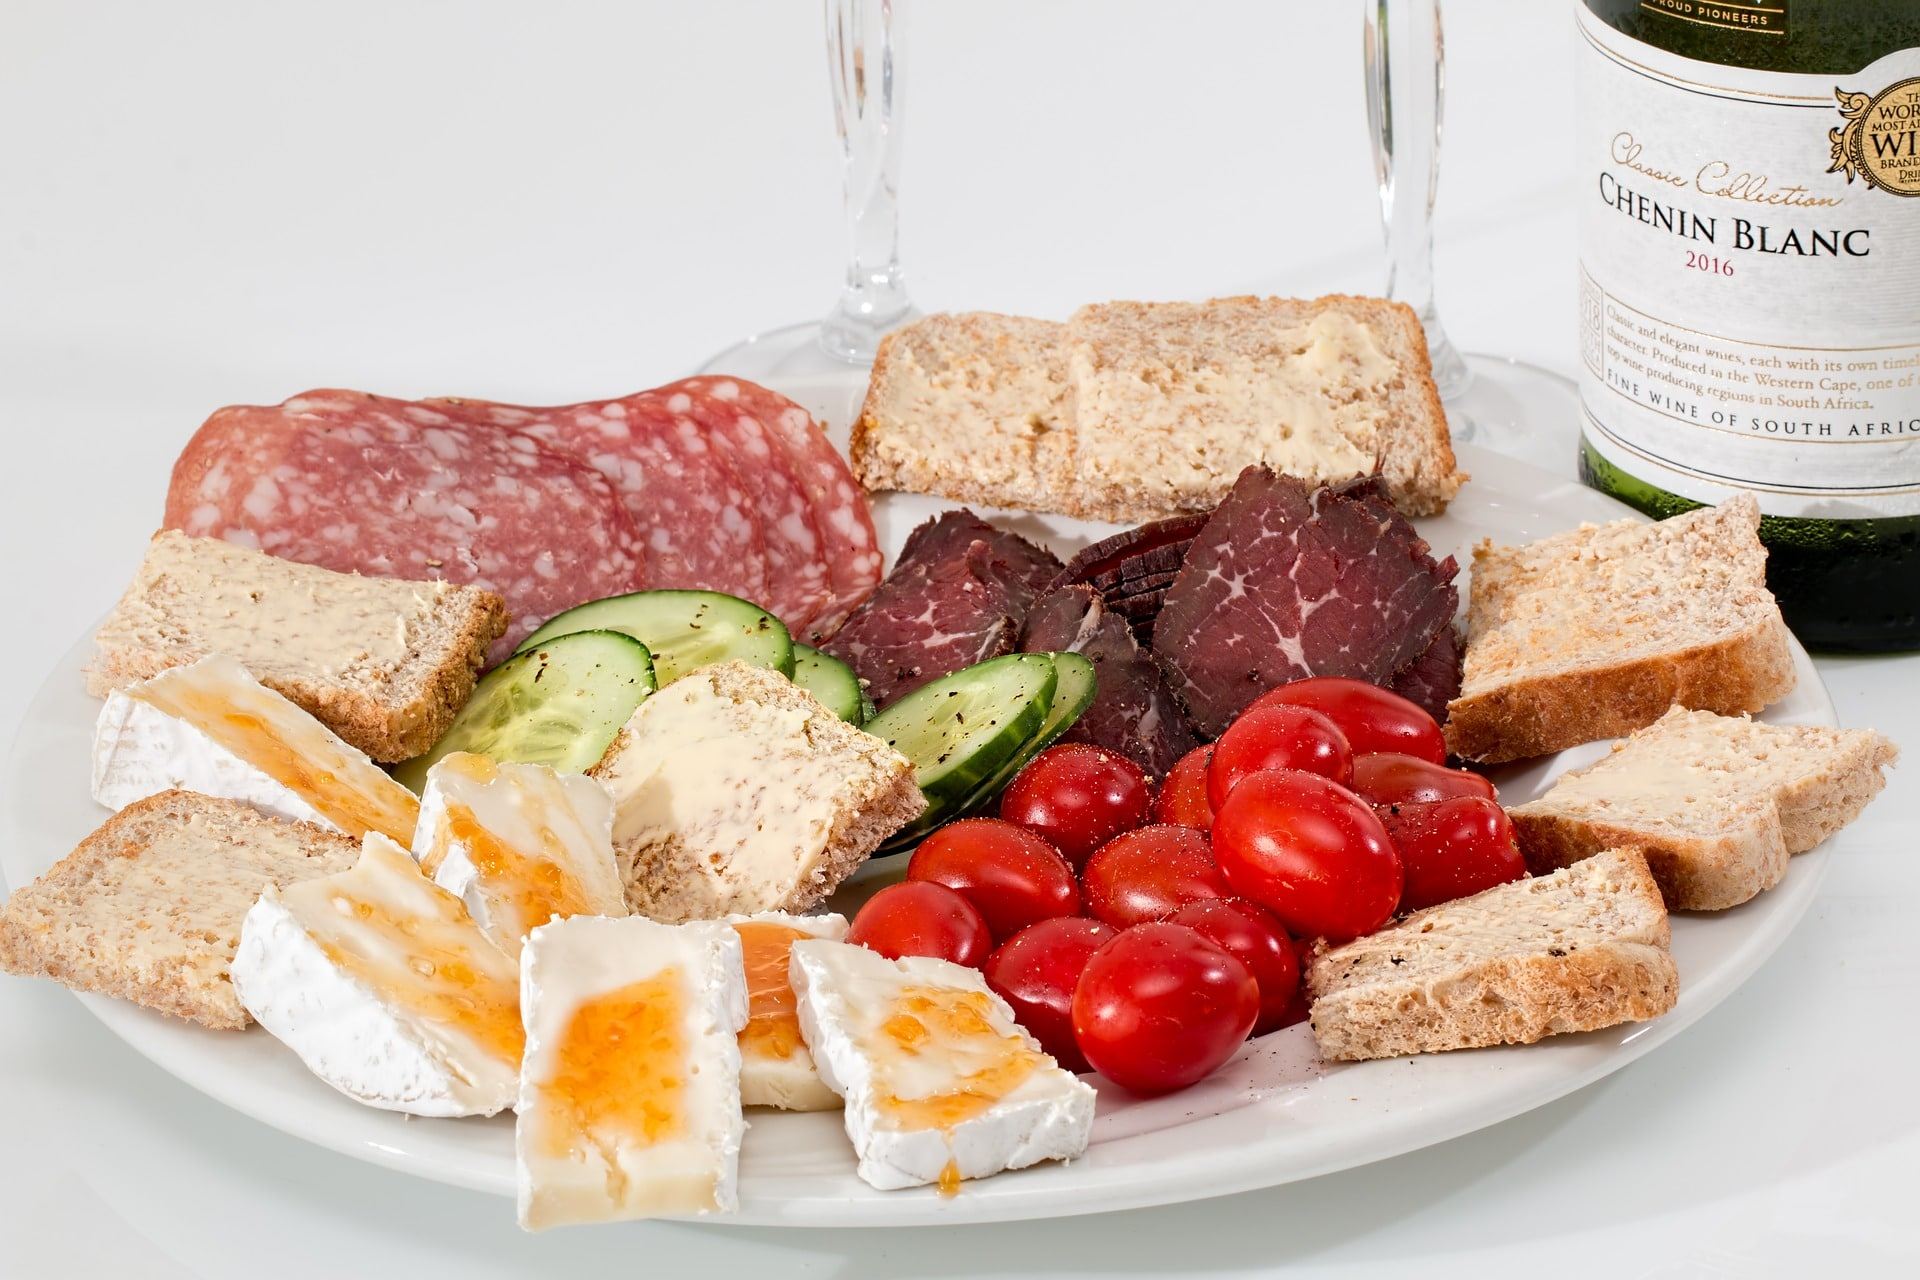 Alimentación rica en proteína para los músculos